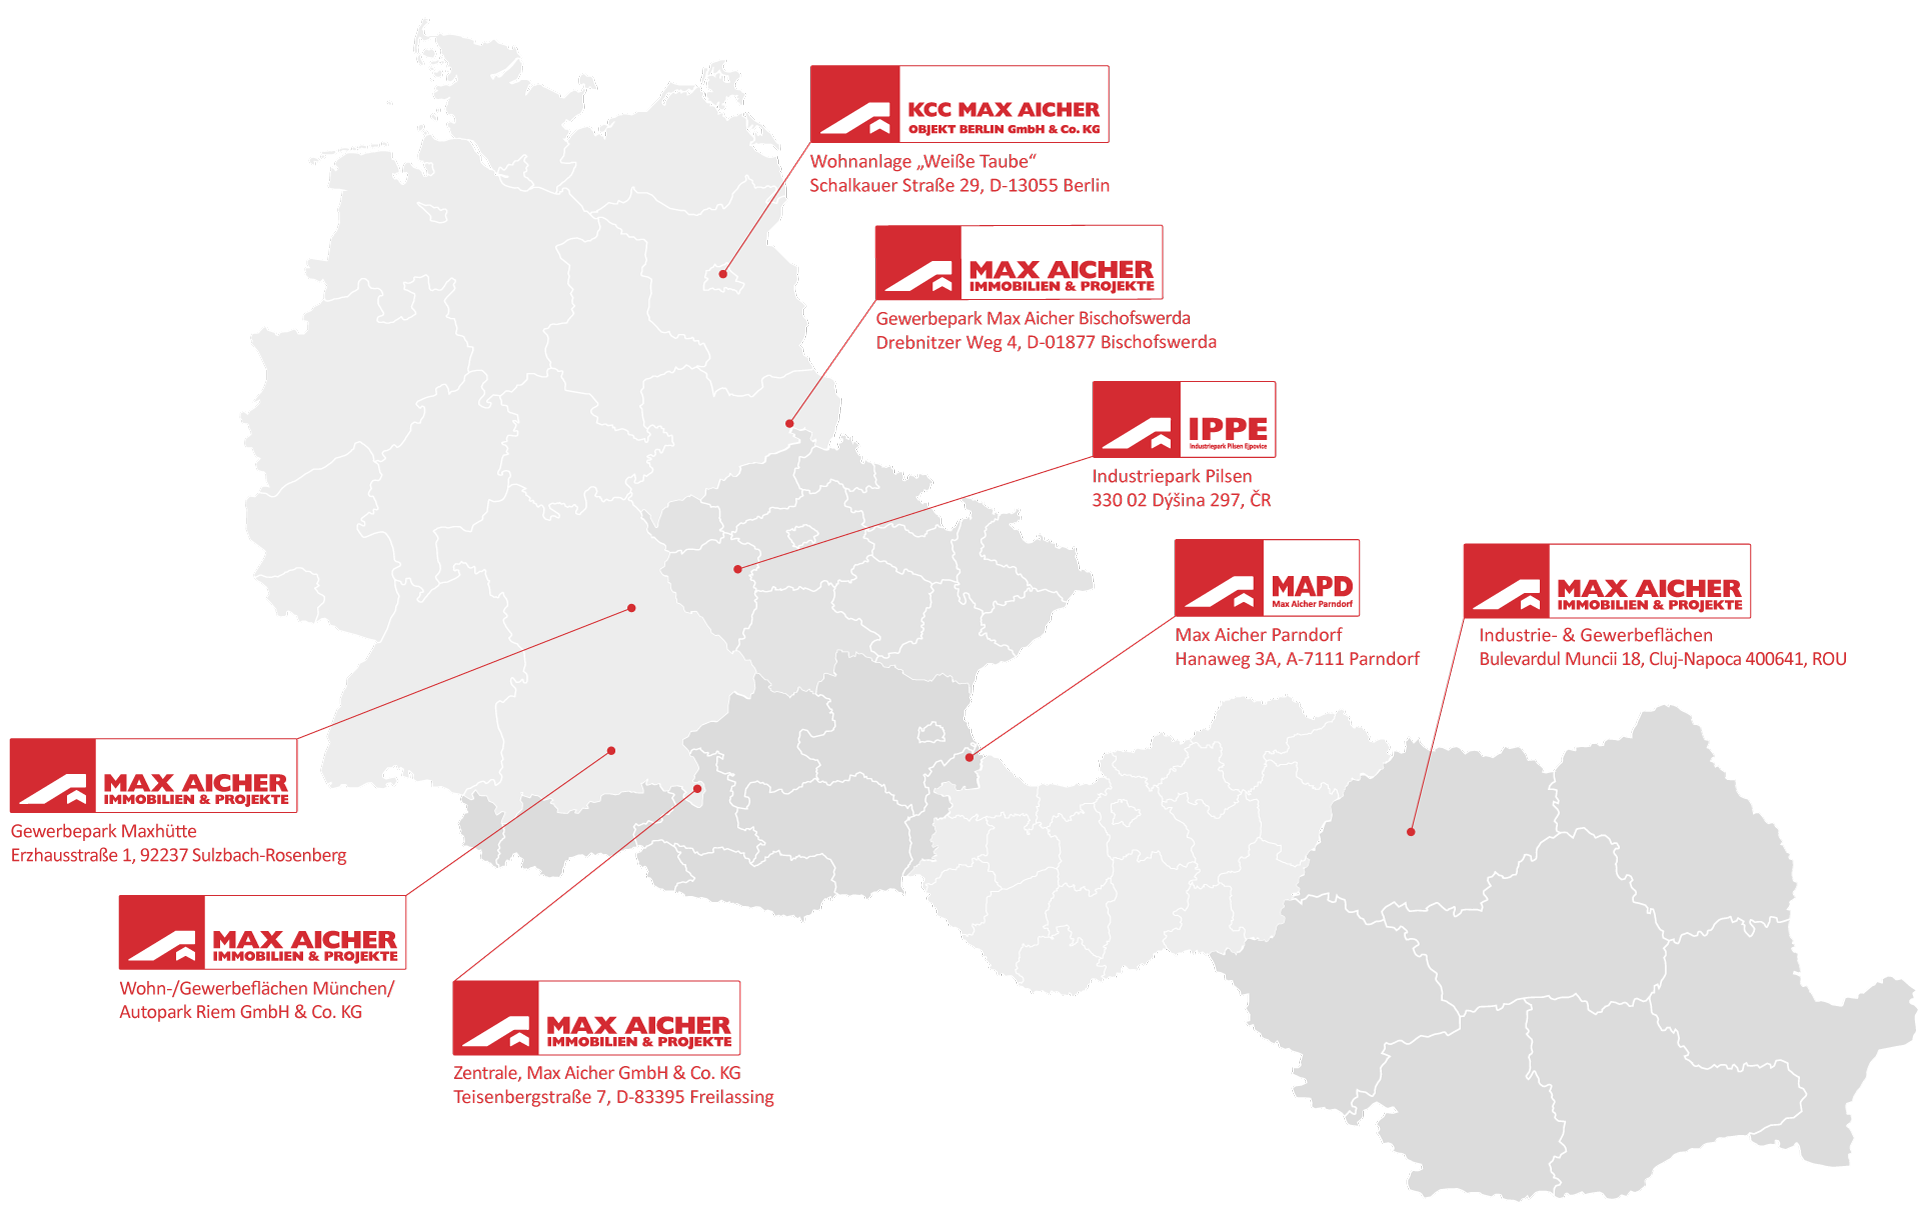 Standort_Kontaktstellen_Max-Aicher-Immobilien_Europaweit